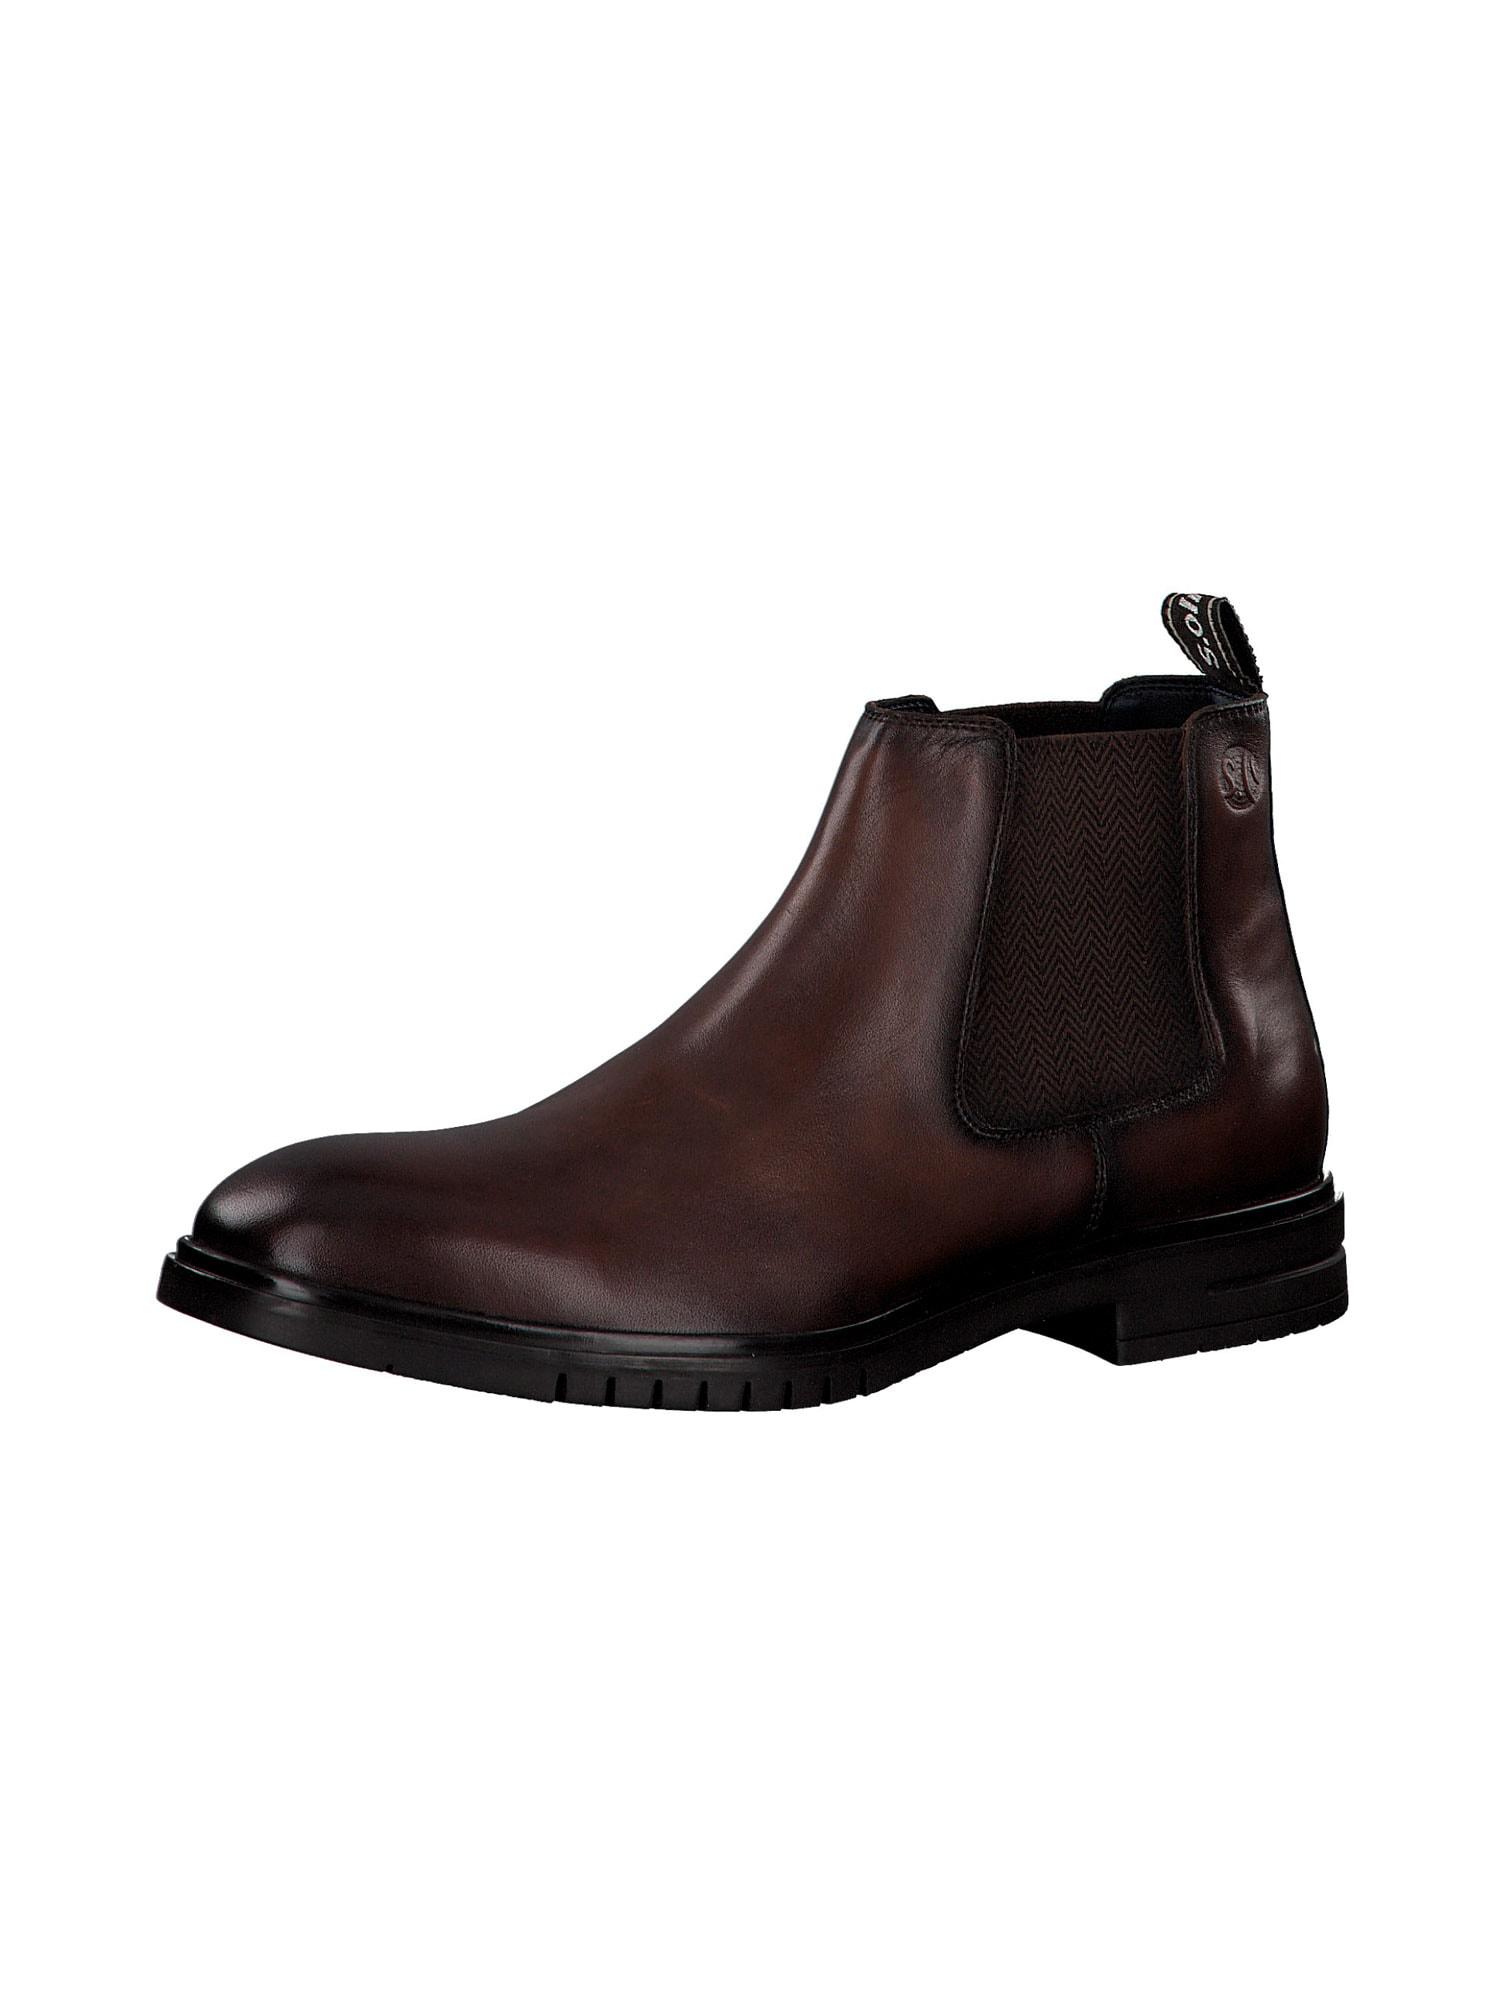 s.Oliver Chelsea boty  kaštanově hnědá